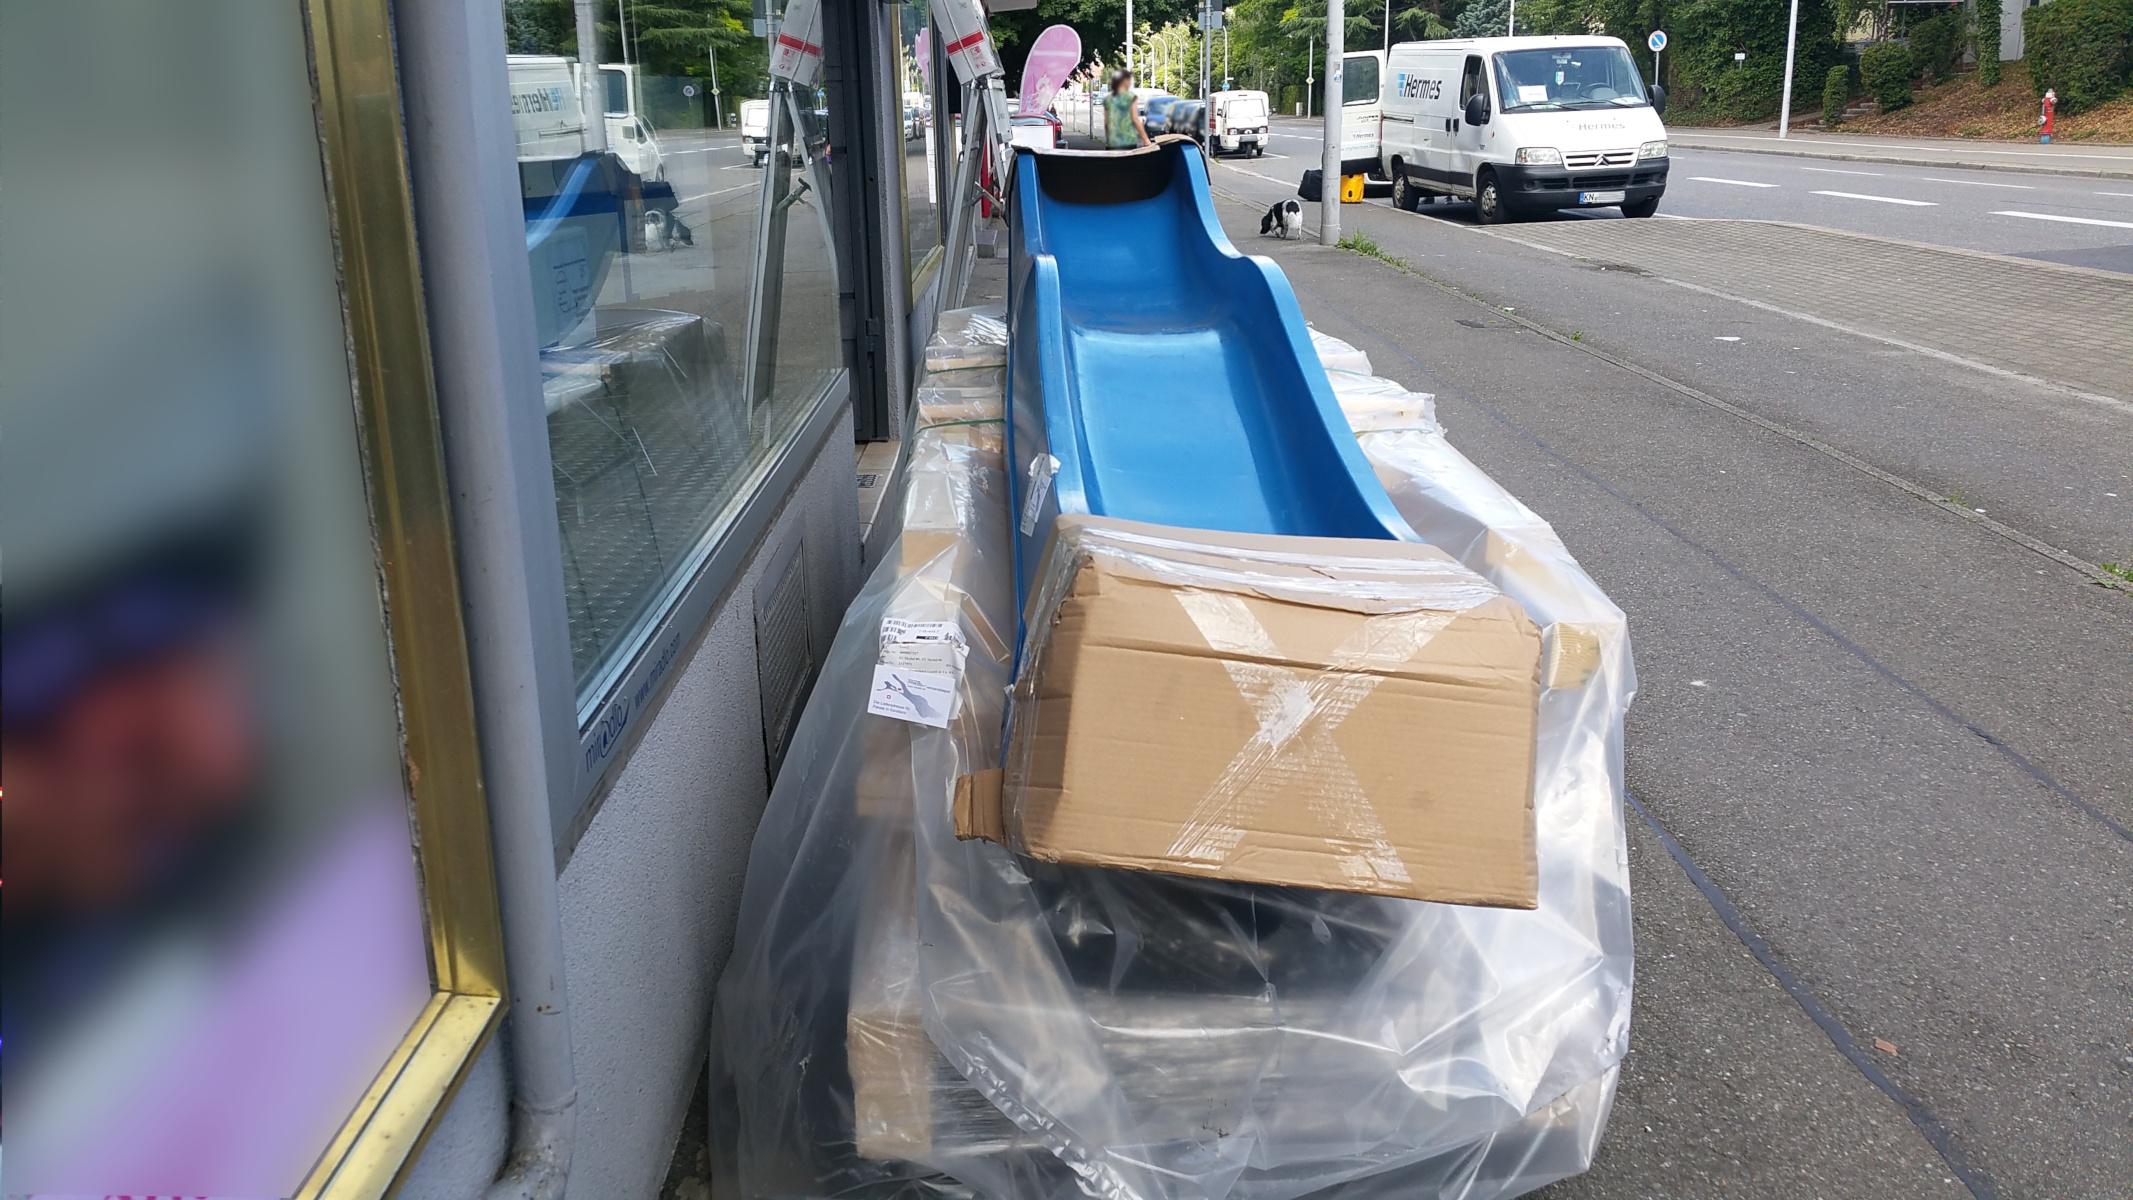 miradlo Versanddepot, die Lieferadresse in Konstanz, auch für Rutschen